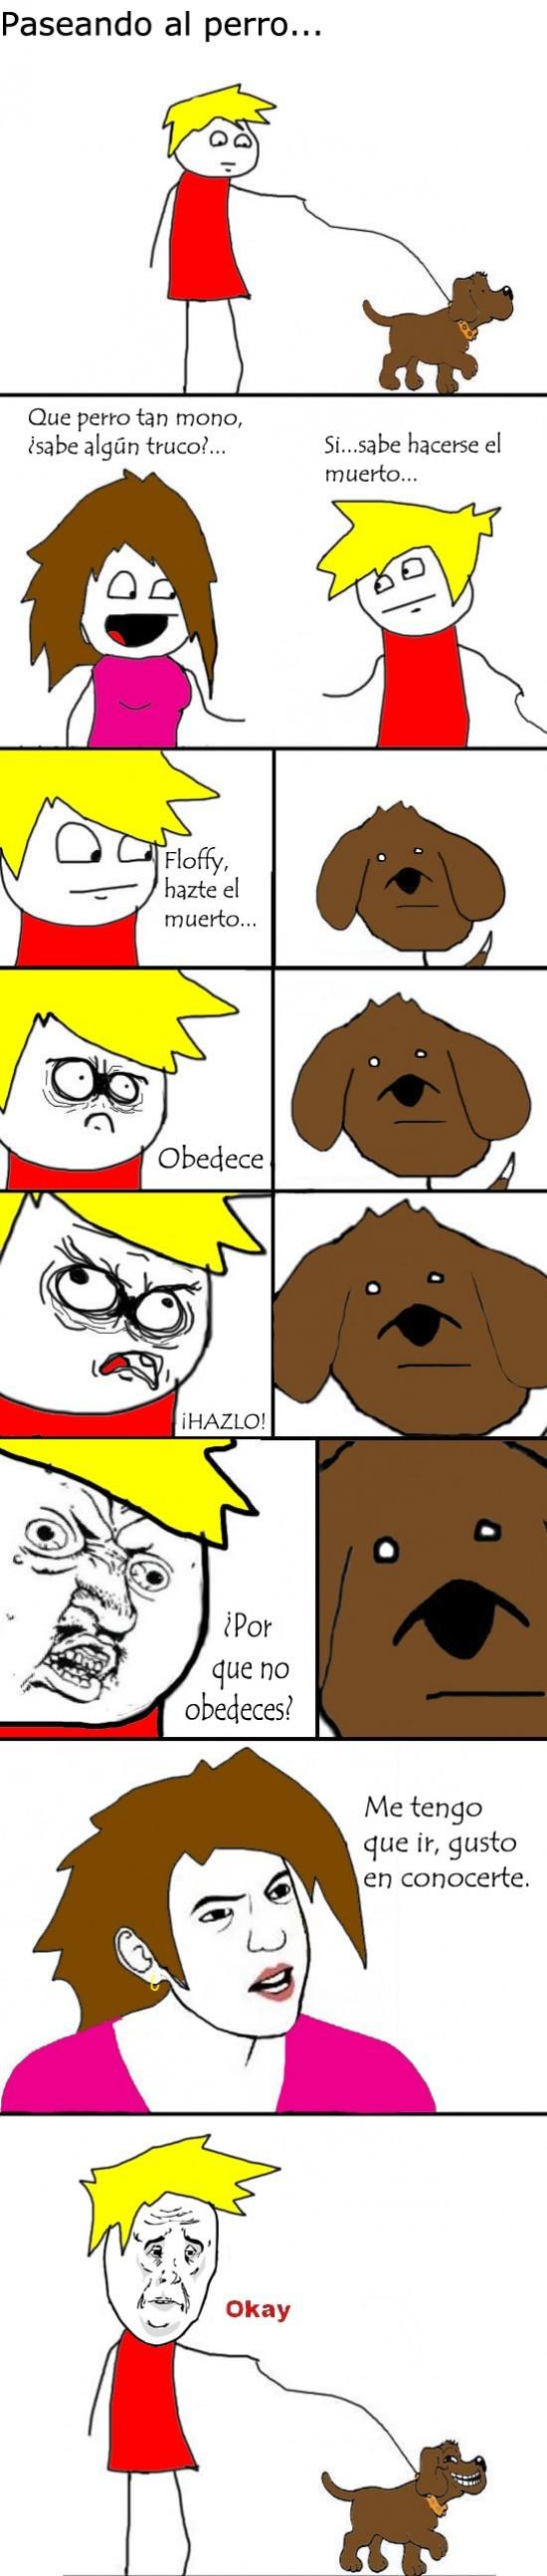 Trollface - Perro troll, que te deja en la estacada en el último momento